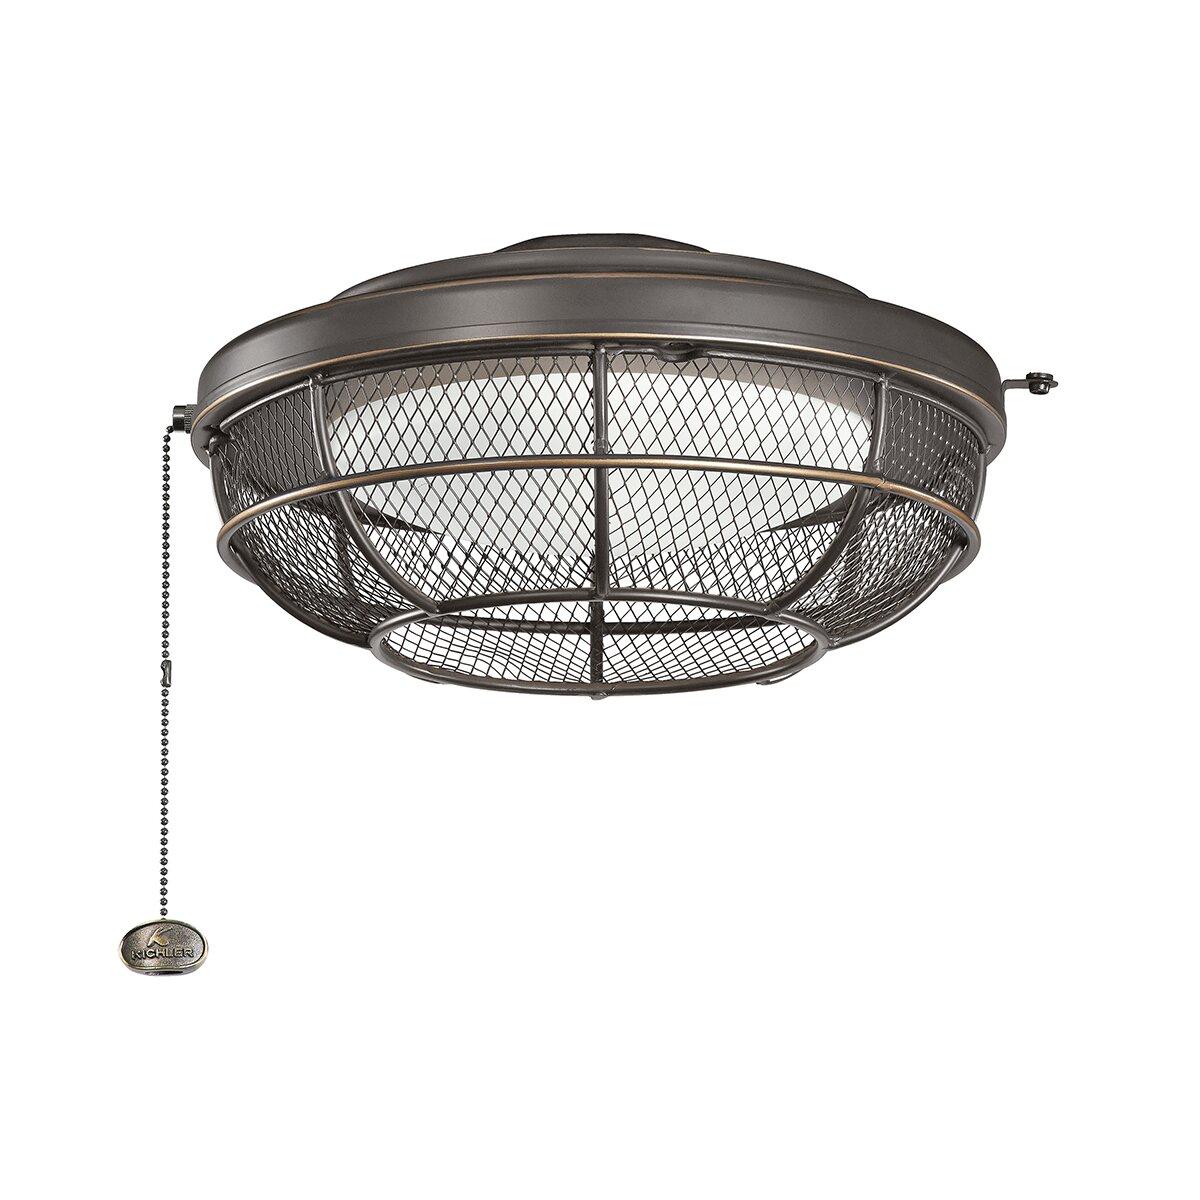 Kichler Industrial 3 Light Bowl Ceiling Fan Light Kit